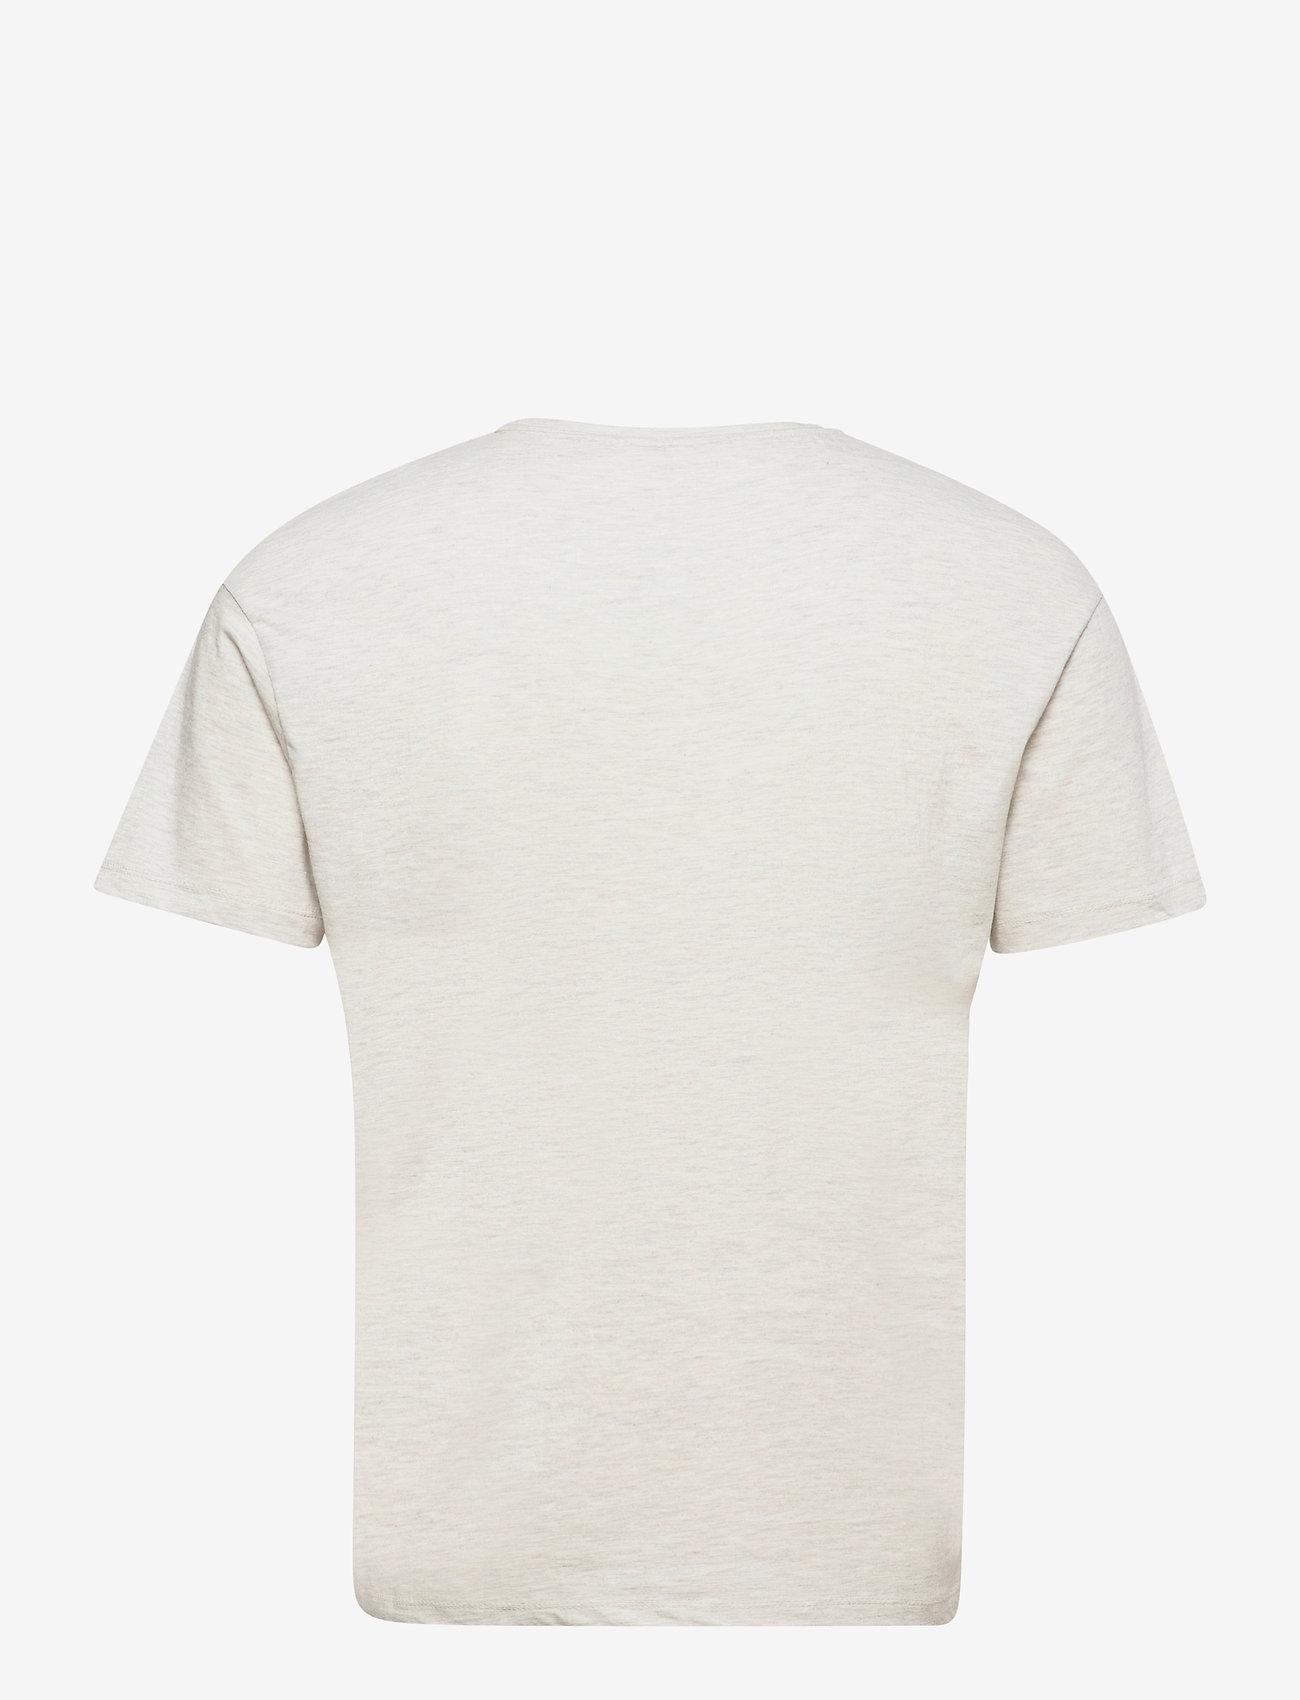 Blend - Tee Ambitious Regular fit - korte mouwen - oyster gray - 1